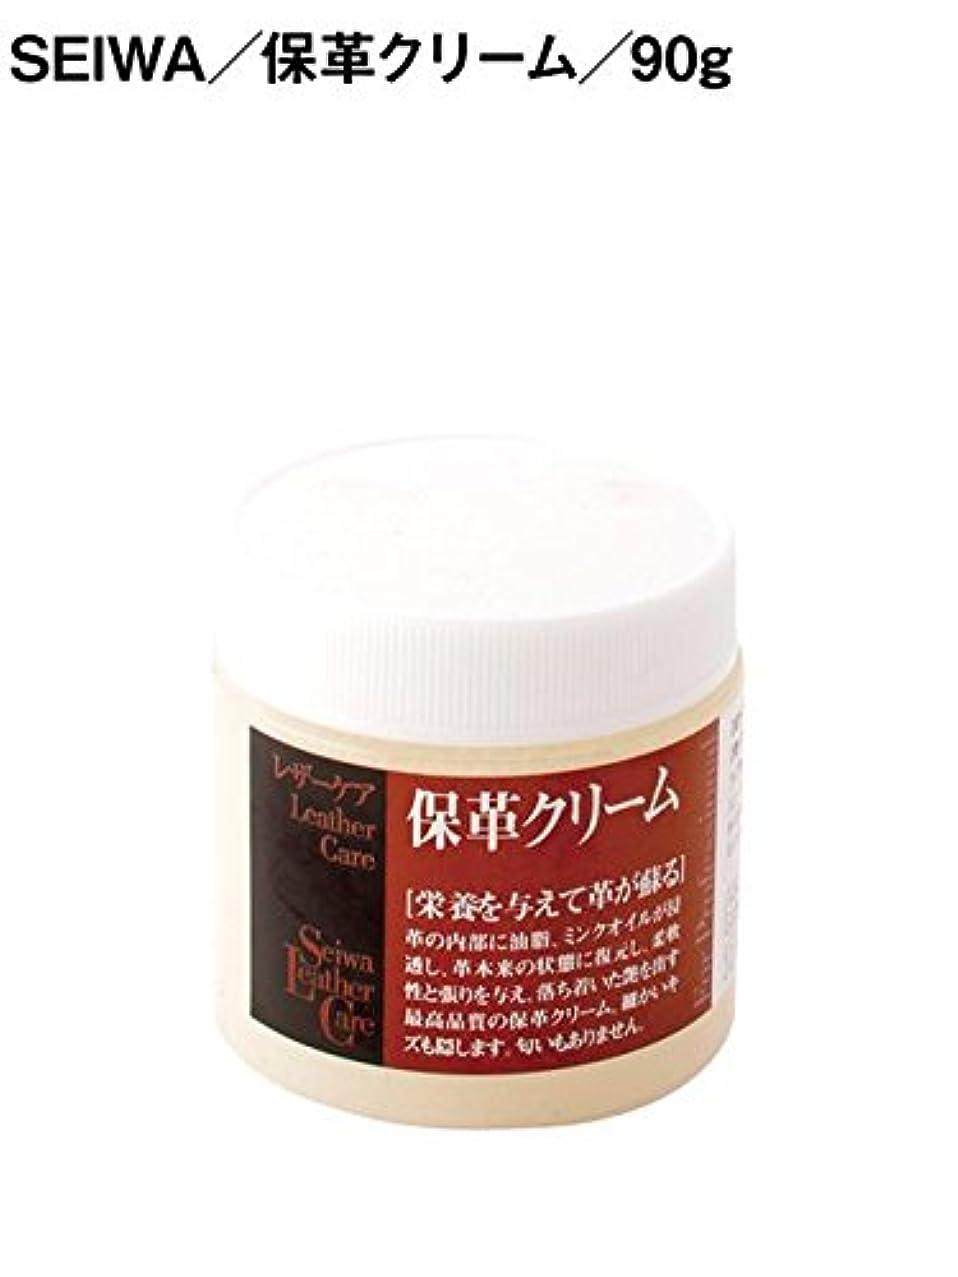 誠和(SEIWA)/保革クリーム/90g